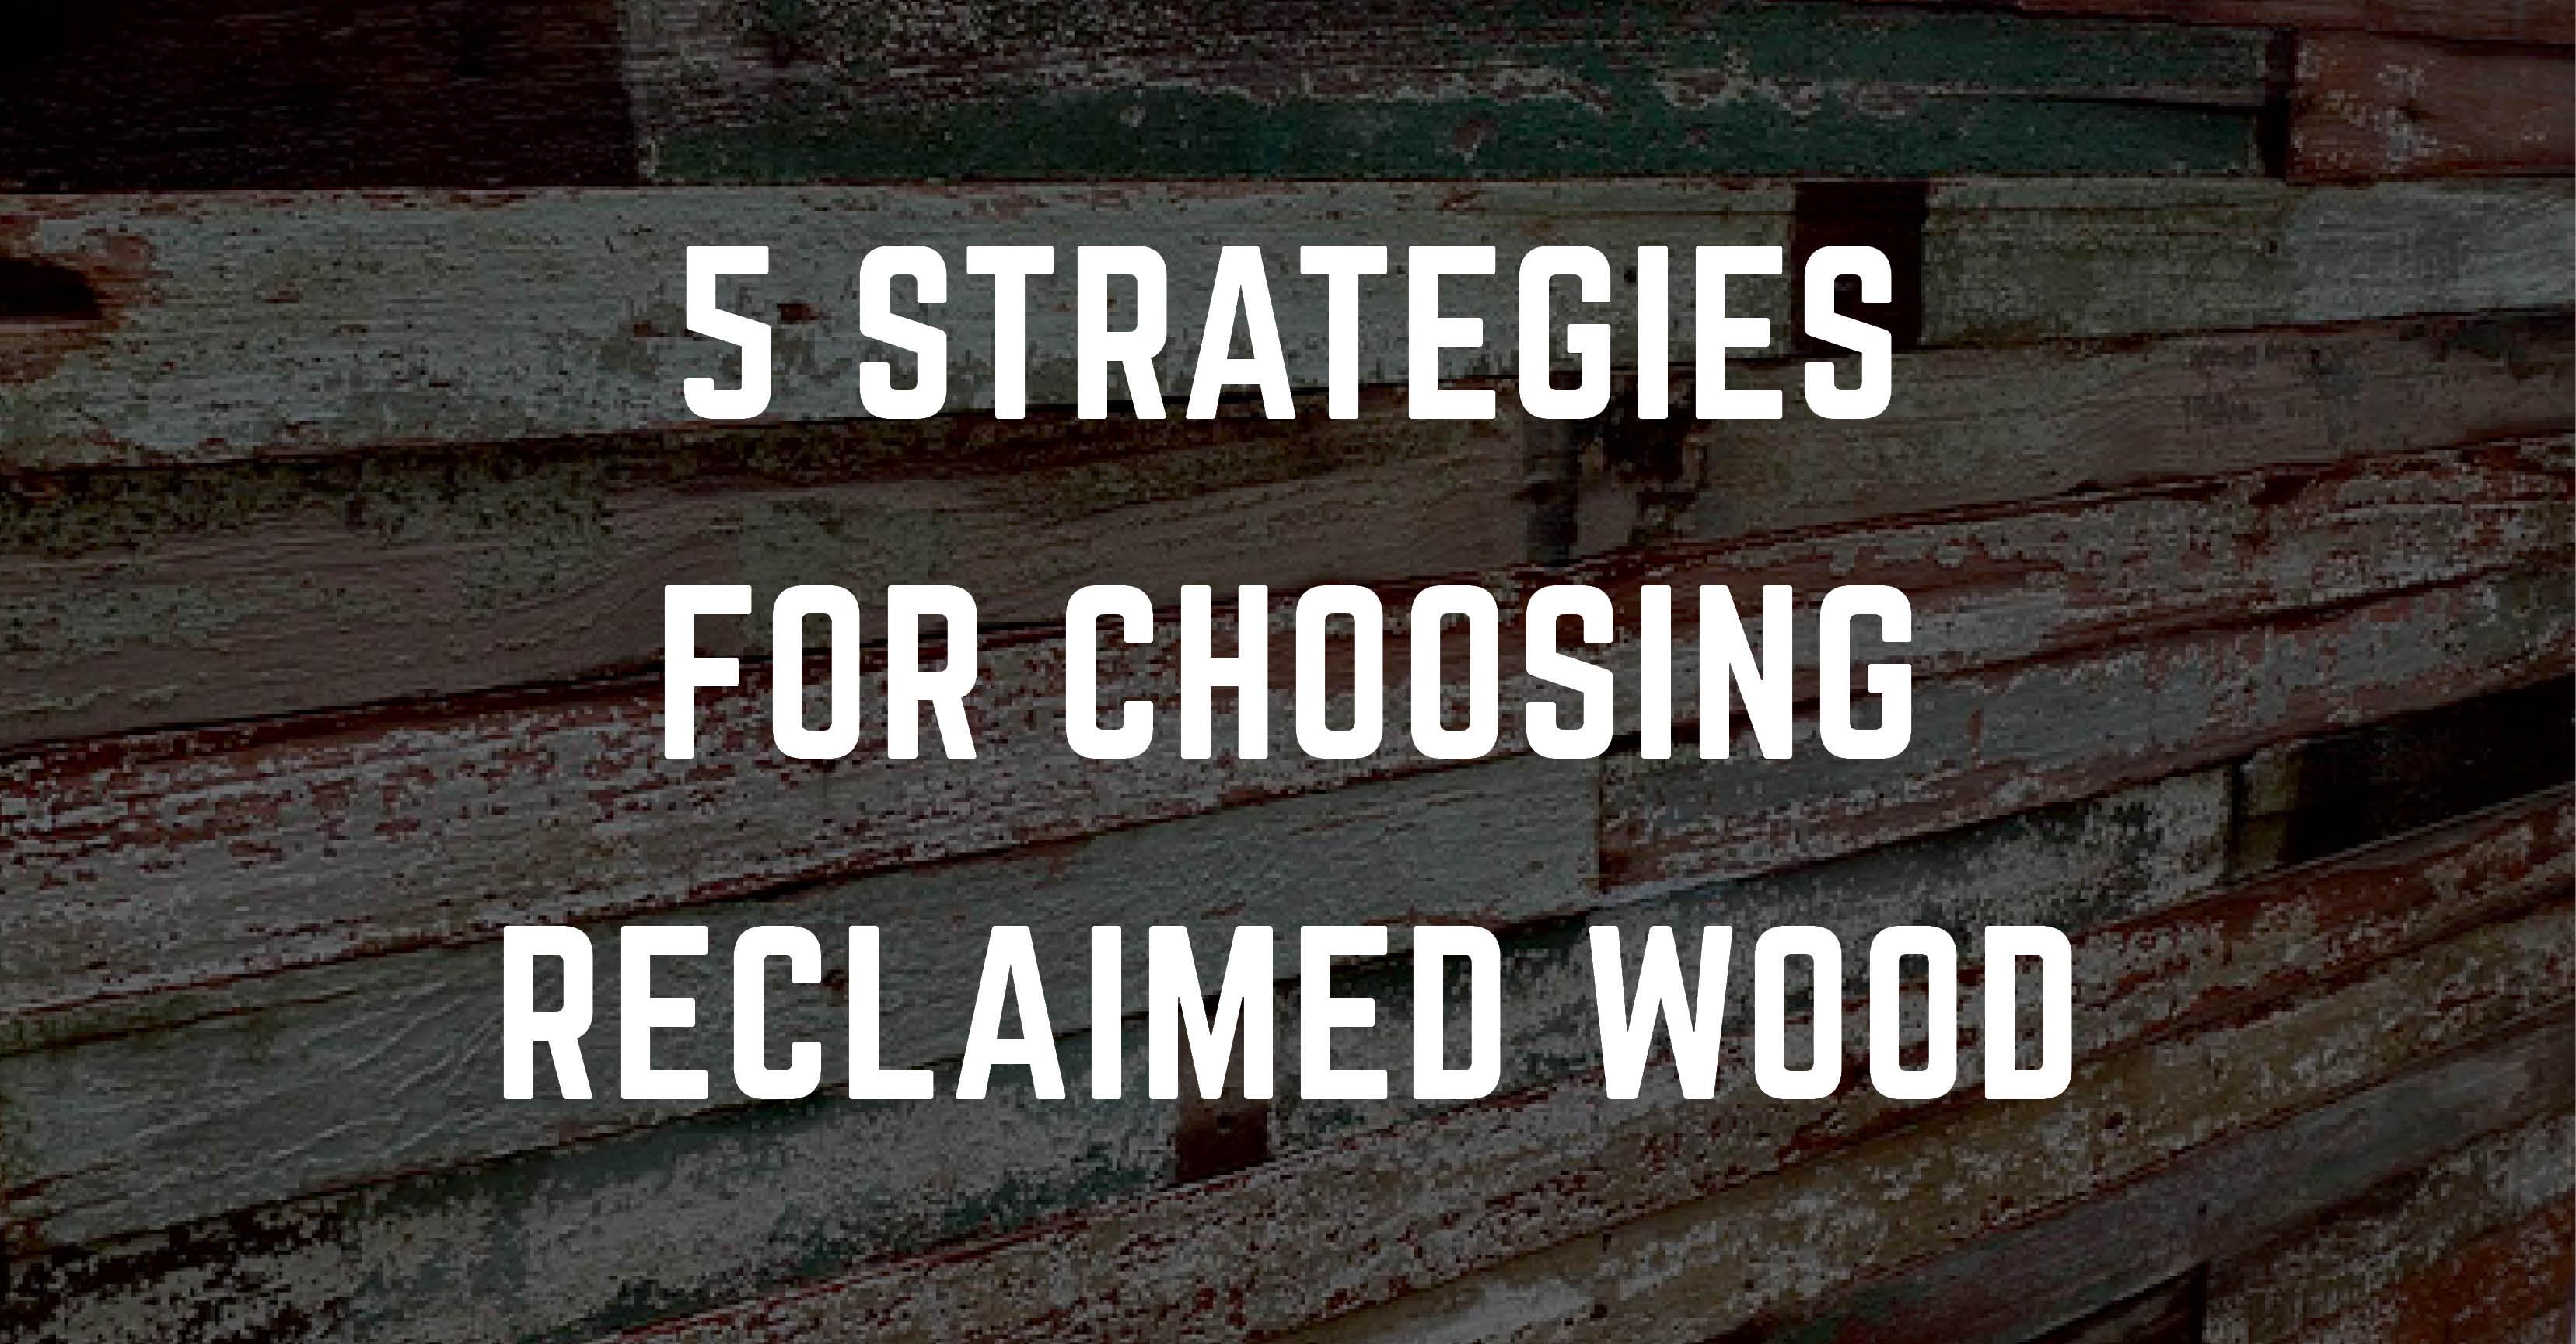 5 strategies for choosing reclaimed wood